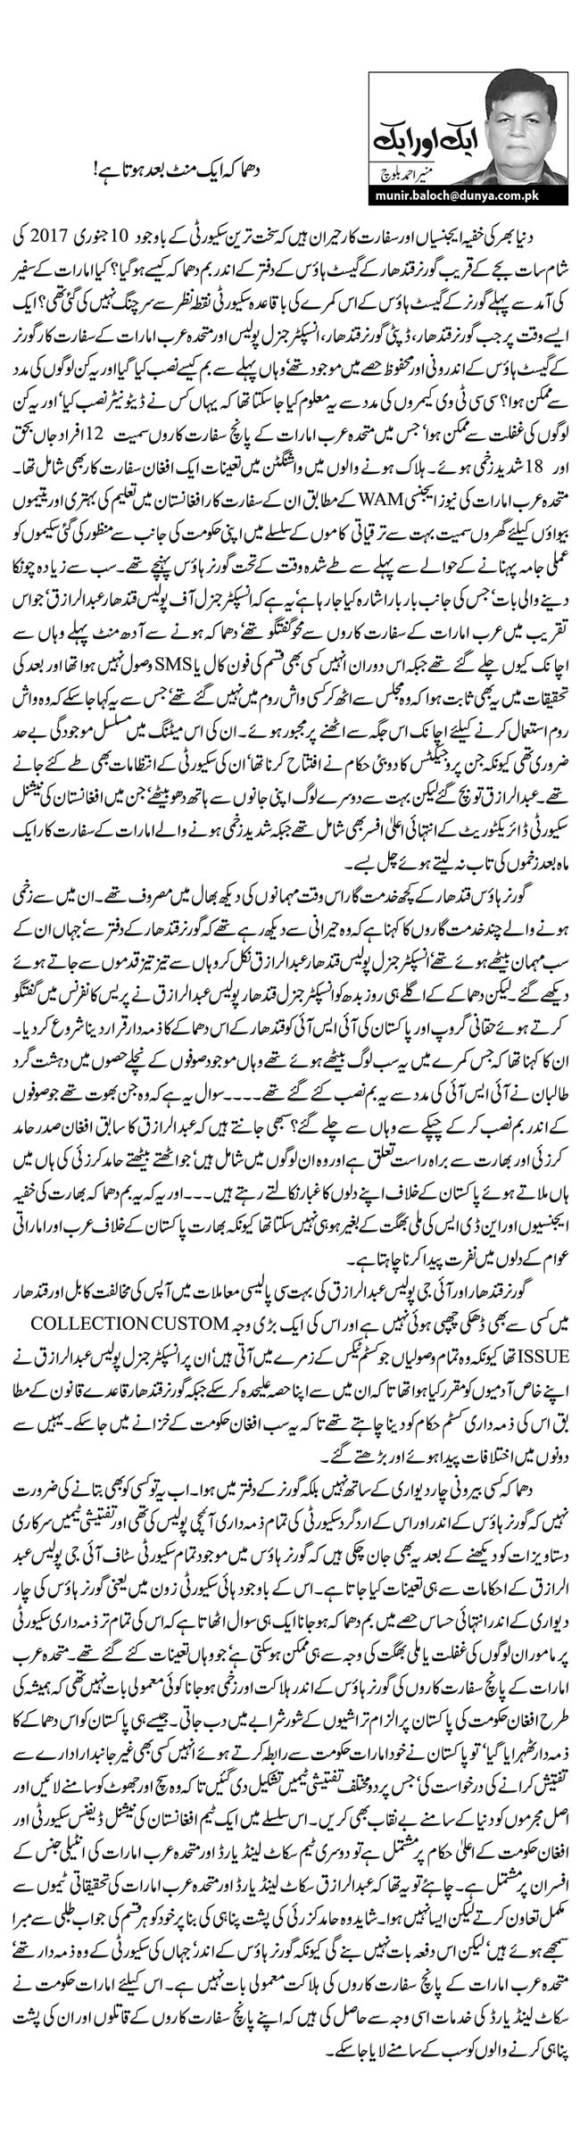 munir ahmad baloch